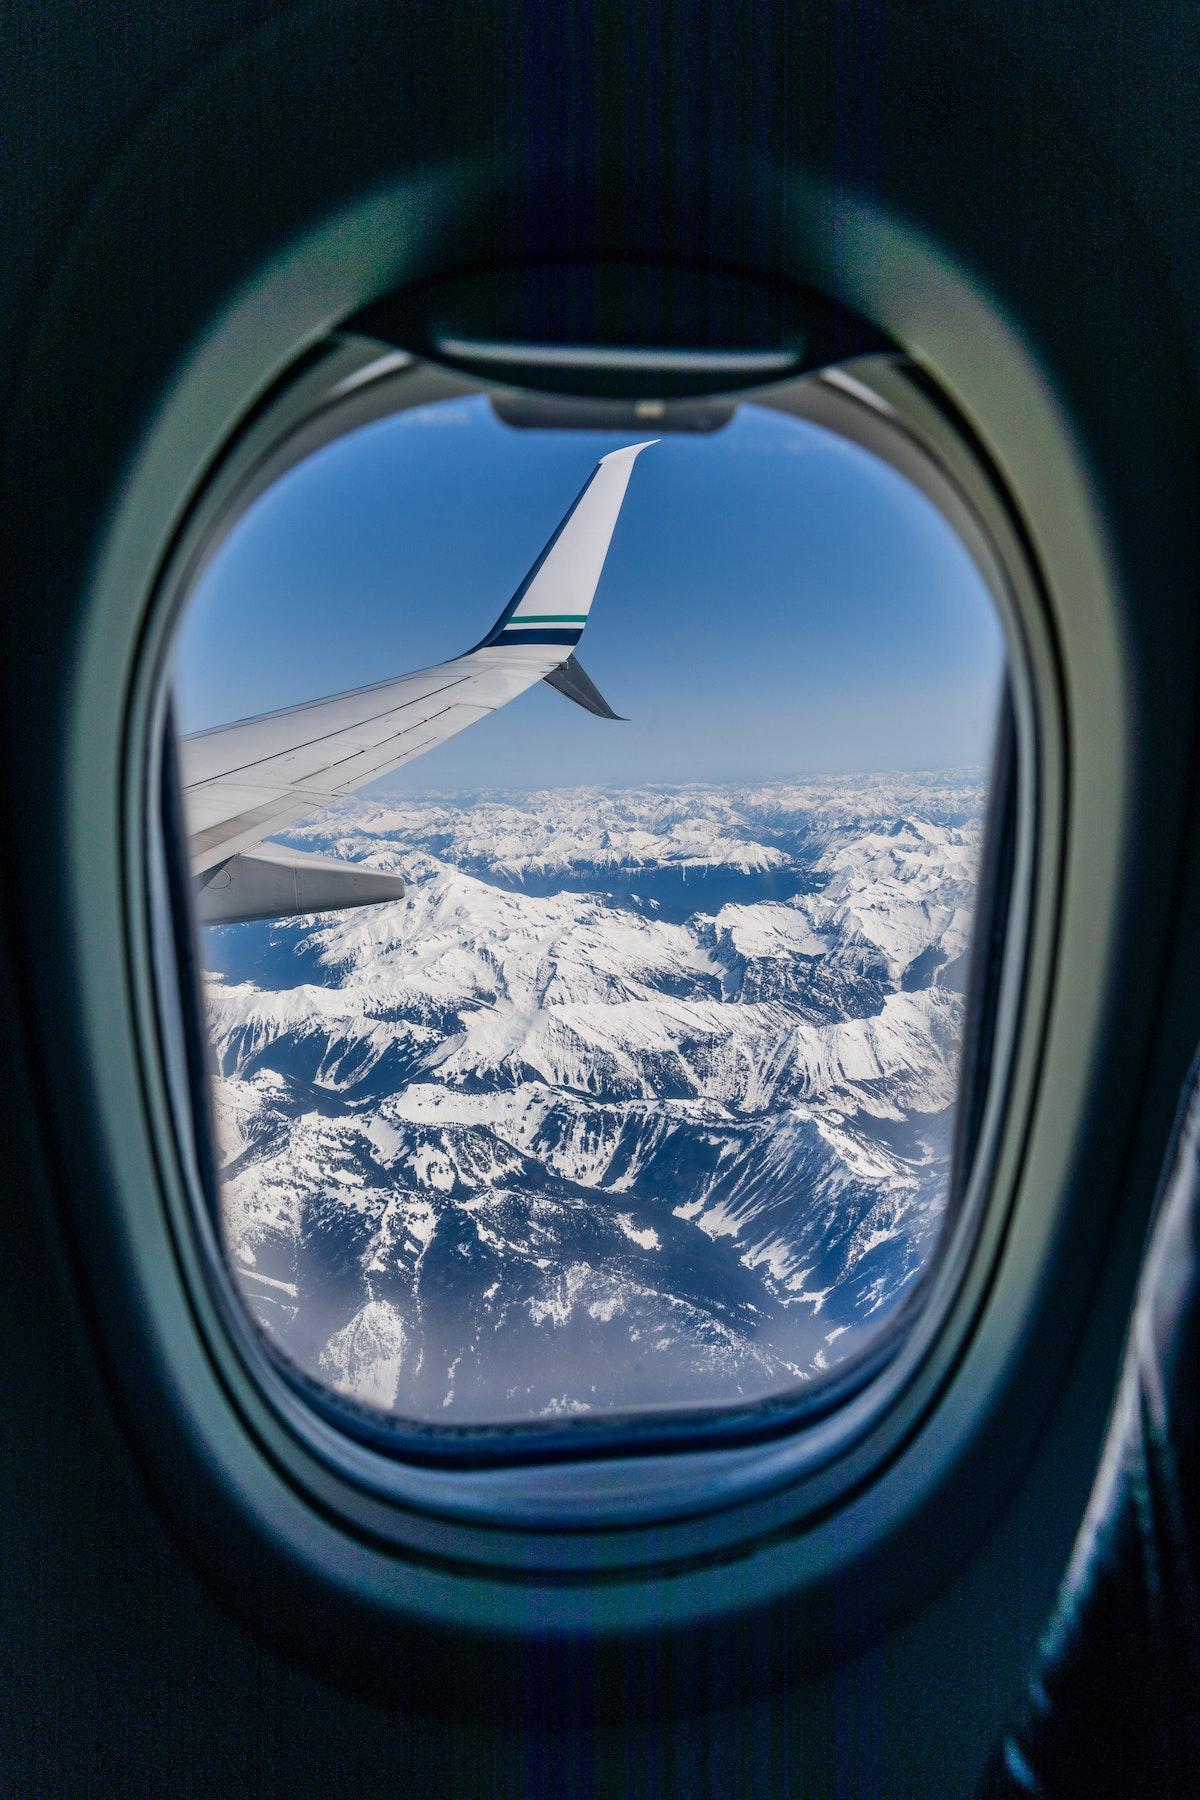 comment voyager pas cher réduction billet avion